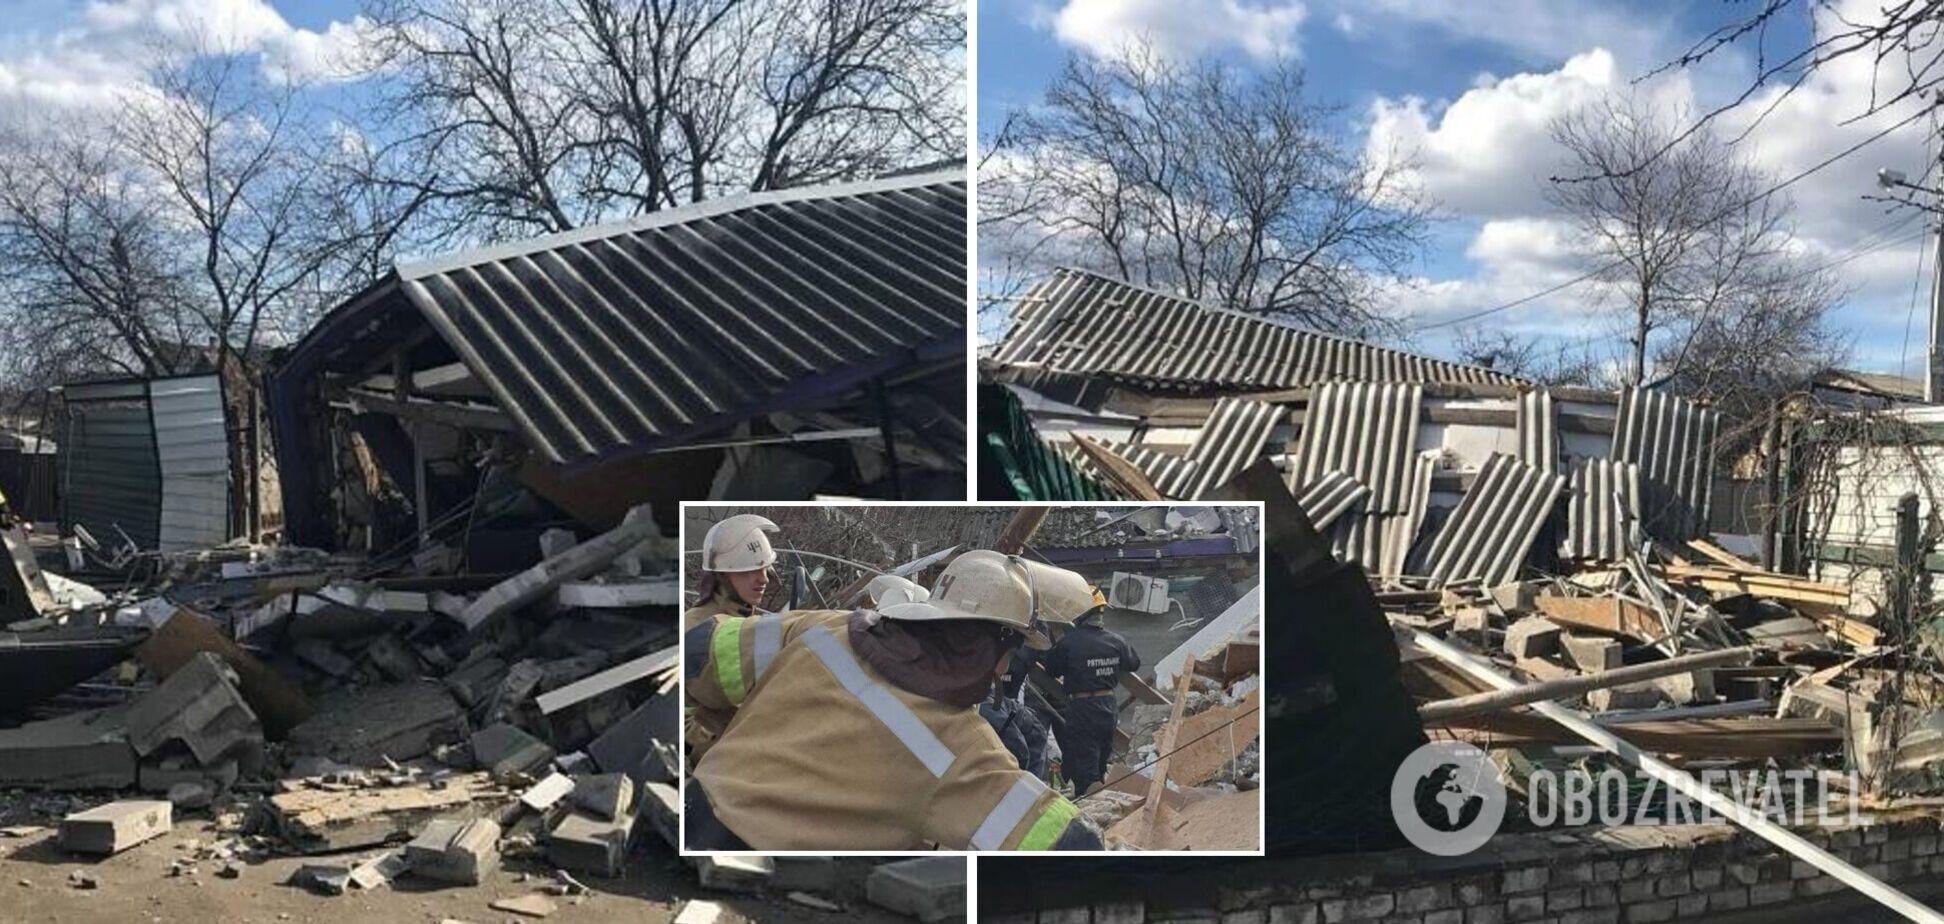 У Києві вибух зруйнував двоповерховий будинок: рятувальники шукали людей під завалами. Фото та відео